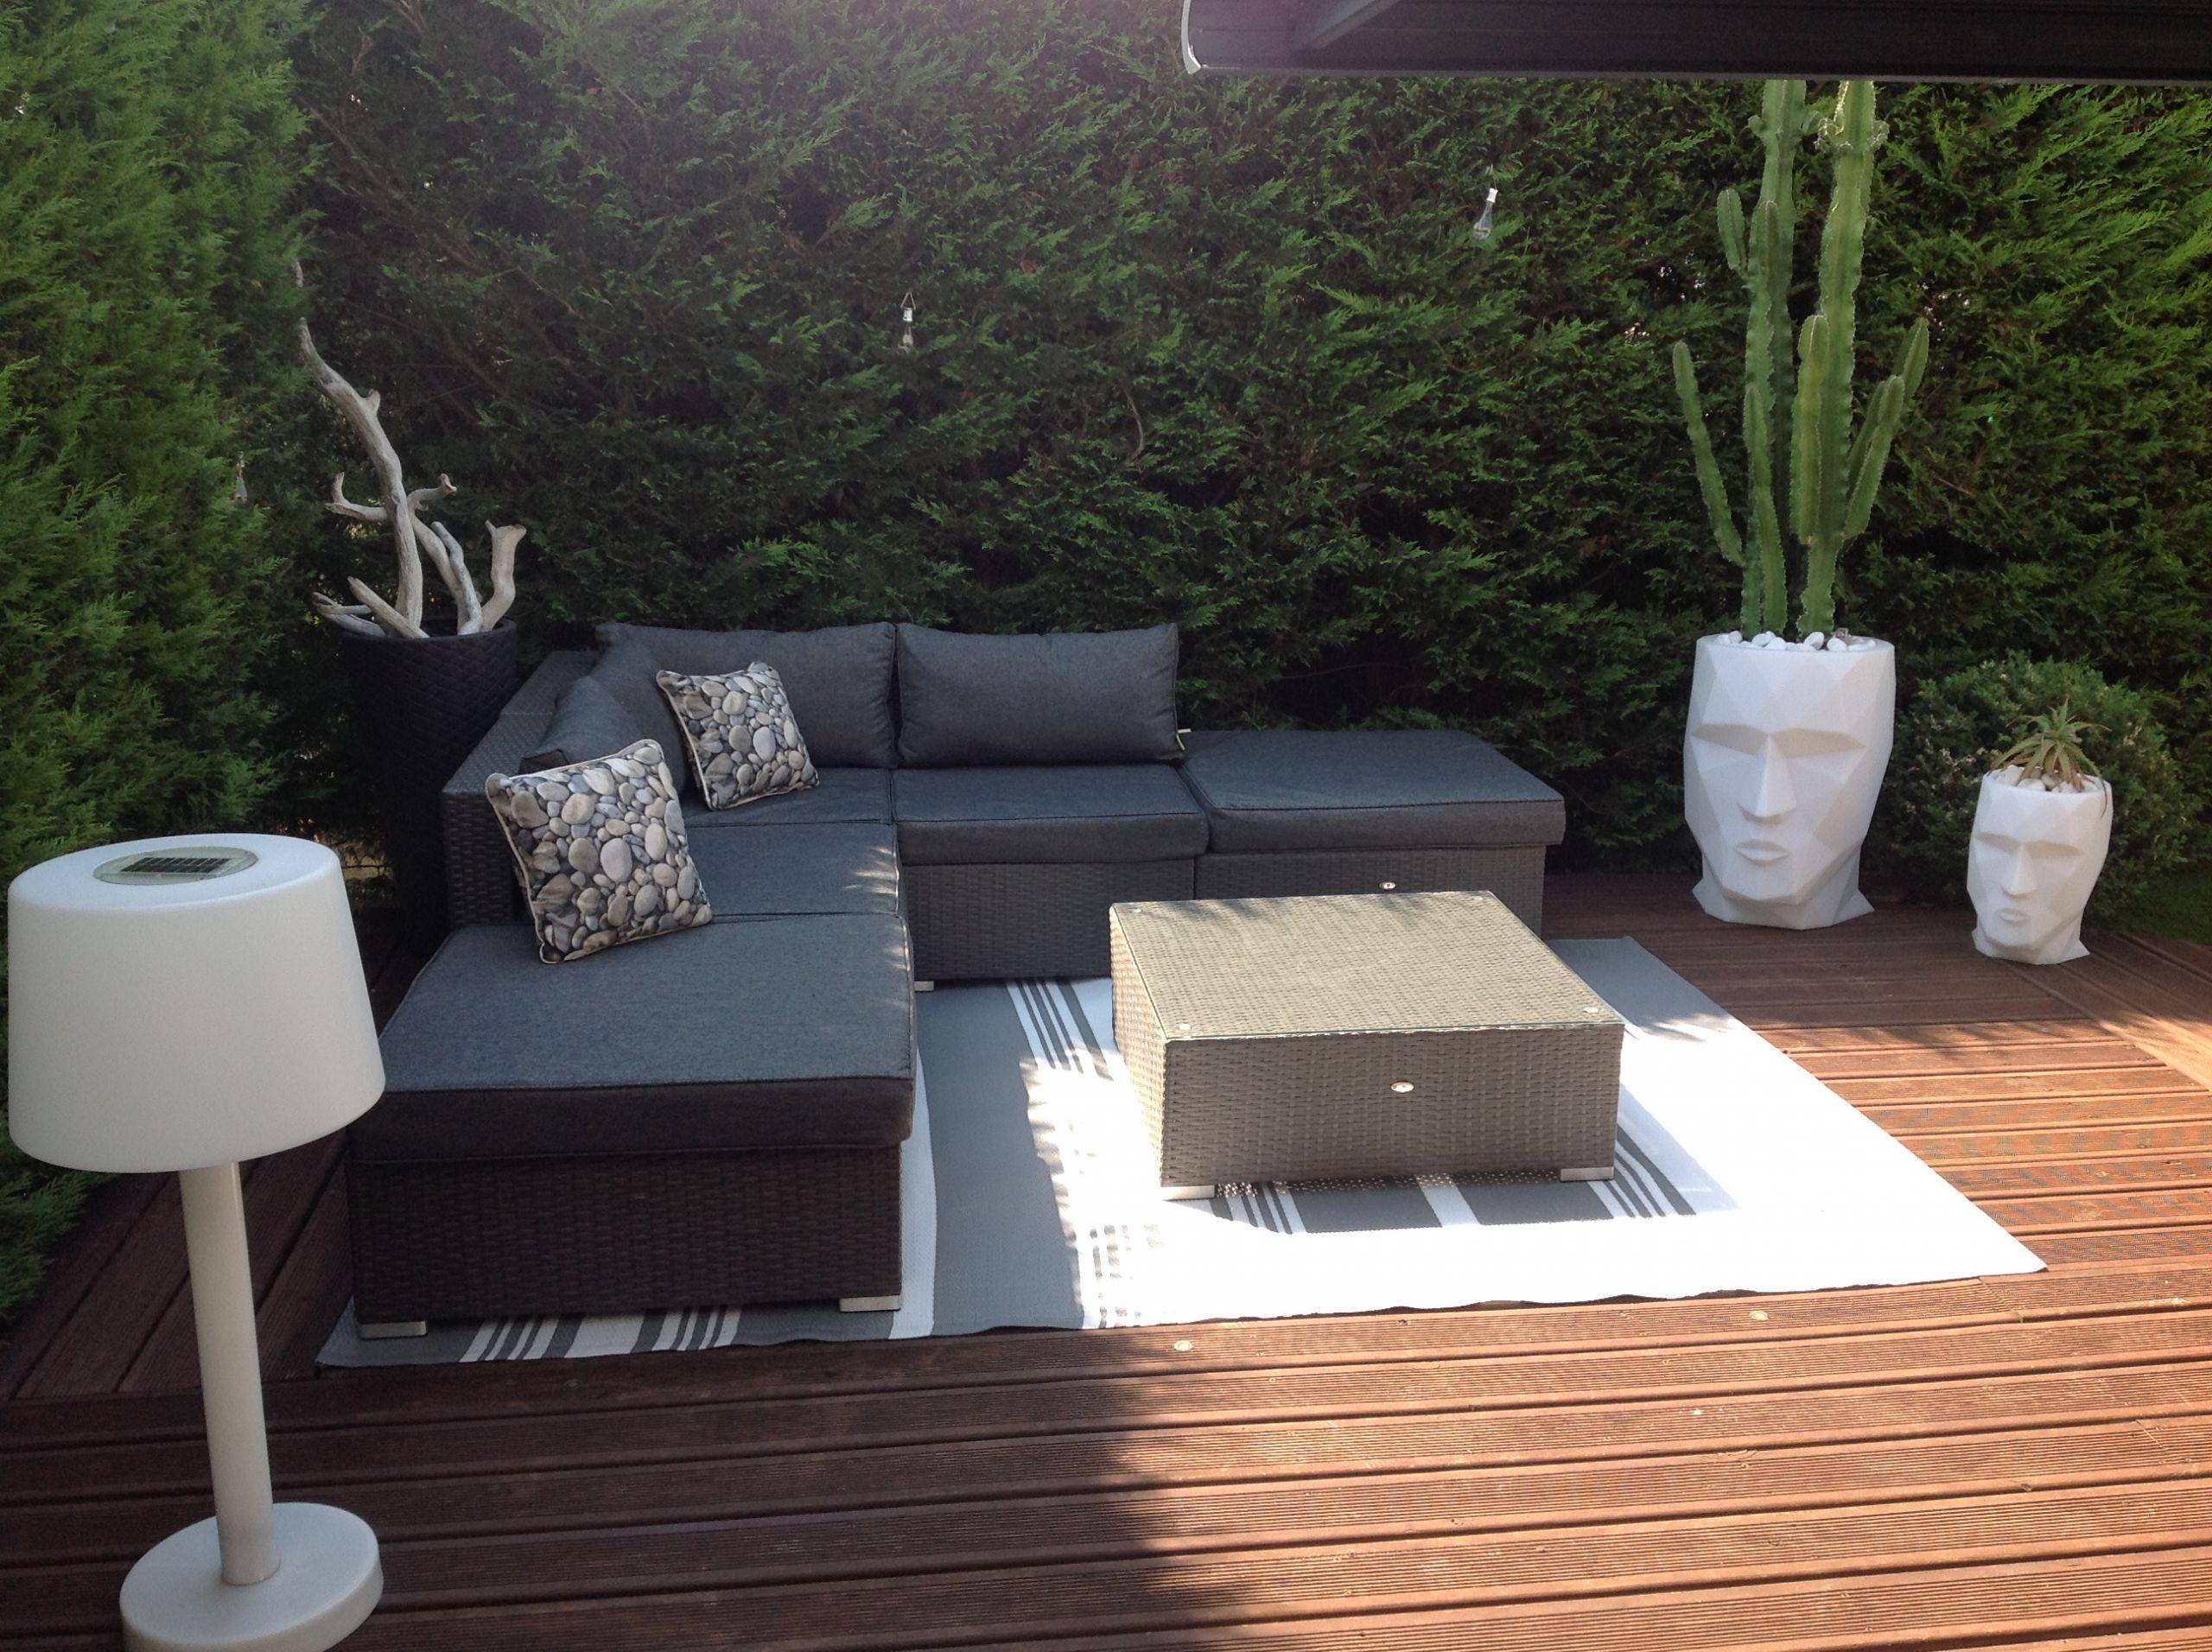 26 Élégant Table De Jardin Resine   Salon Jardin concernant Table De Jardin En Resine Tressée